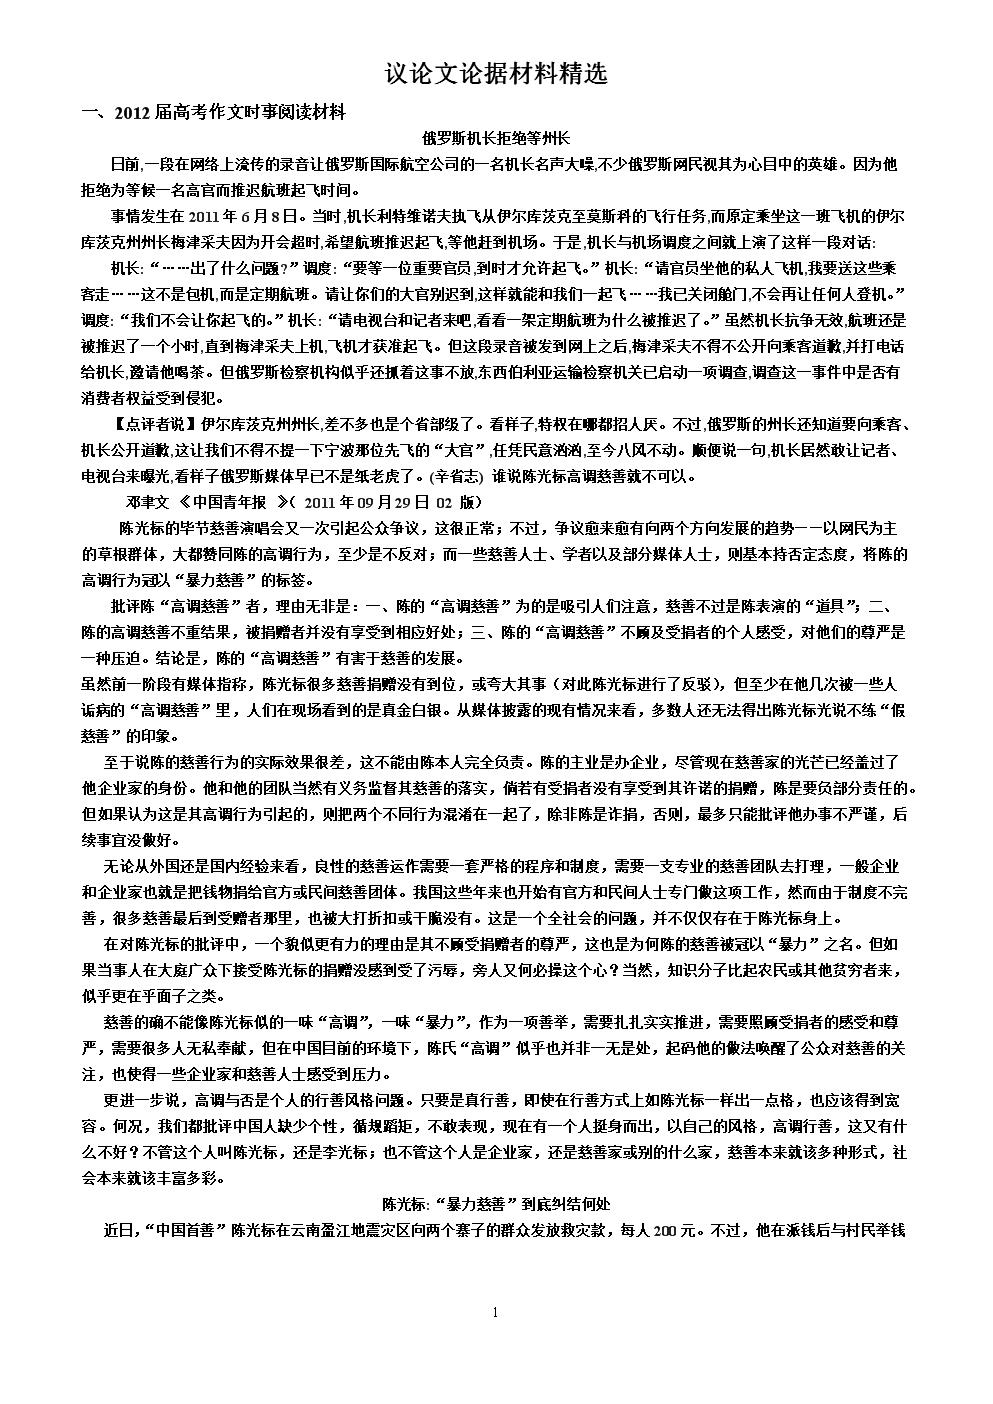 2012高考语文议论文论据材料精选.doc